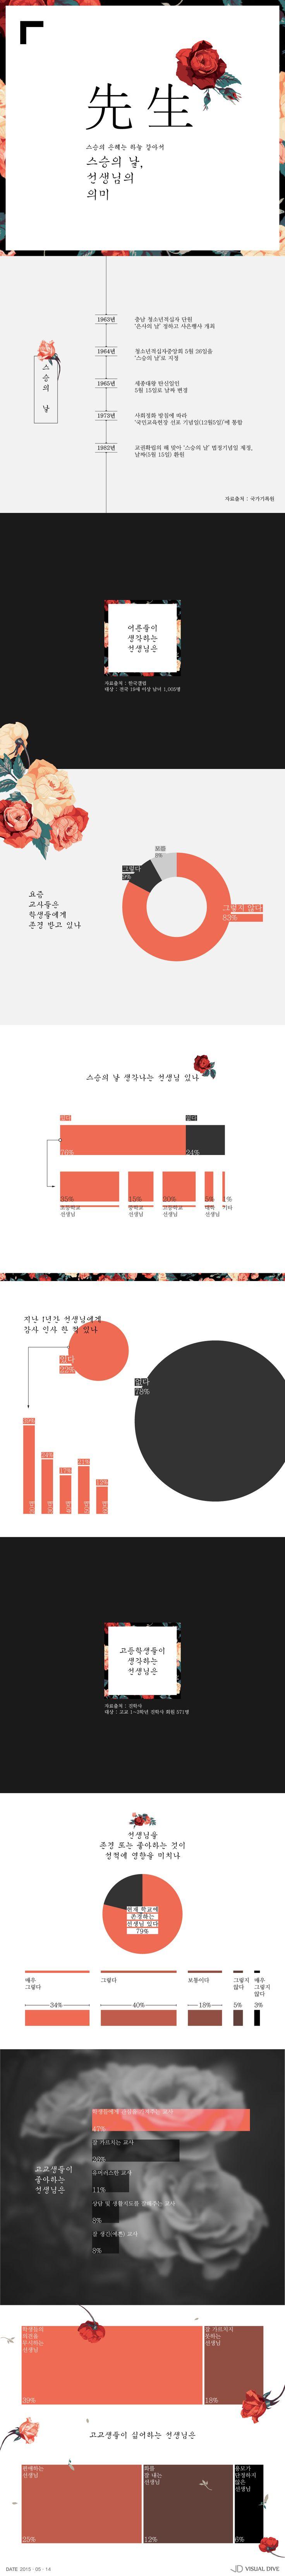 """국민 83% """"학교 선생님 존경 못 받아""""… 고등학생들 생각은? [인포그래픽] #Teacher / #Infographic ⓒ 비주얼다이브 무단 복사·전재·재배포 금지"""